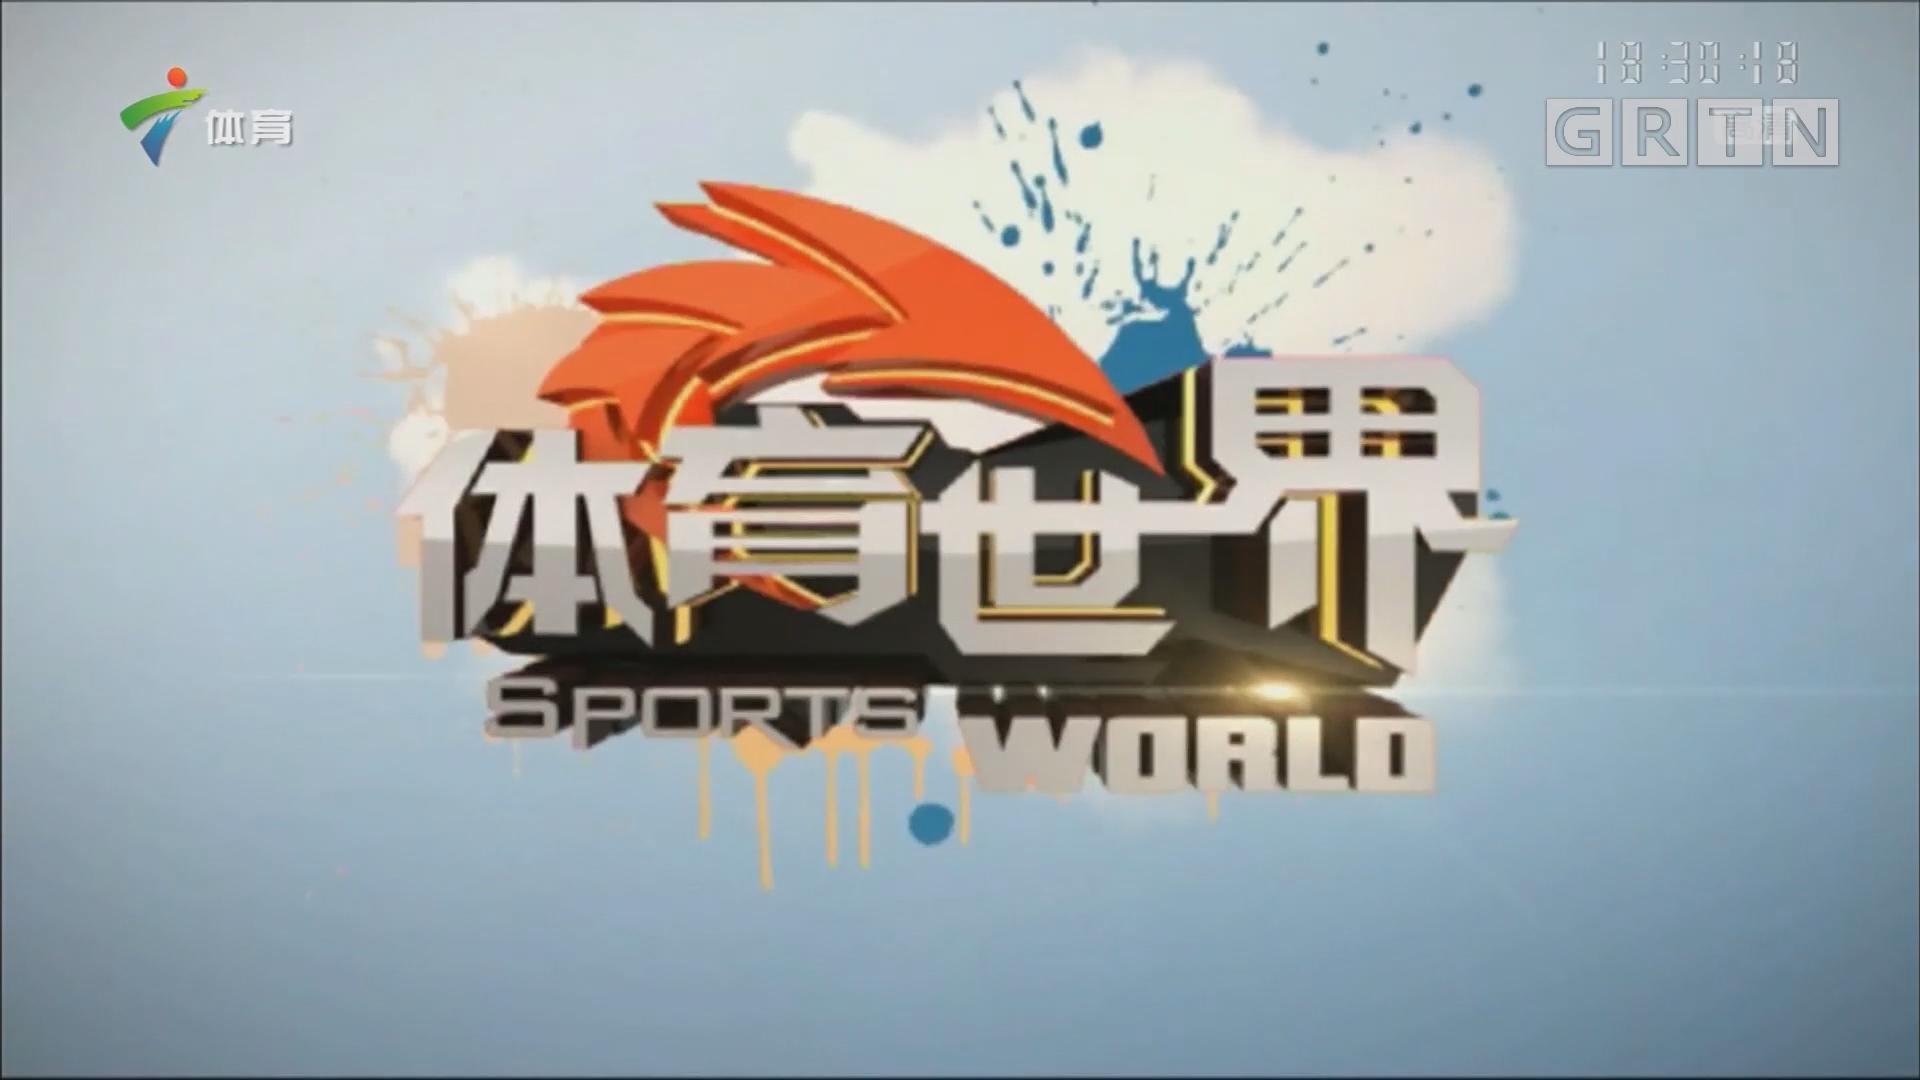 [HD][2018-05-11]体育世界:群星云集 苏炳添卫冕之路不平坦